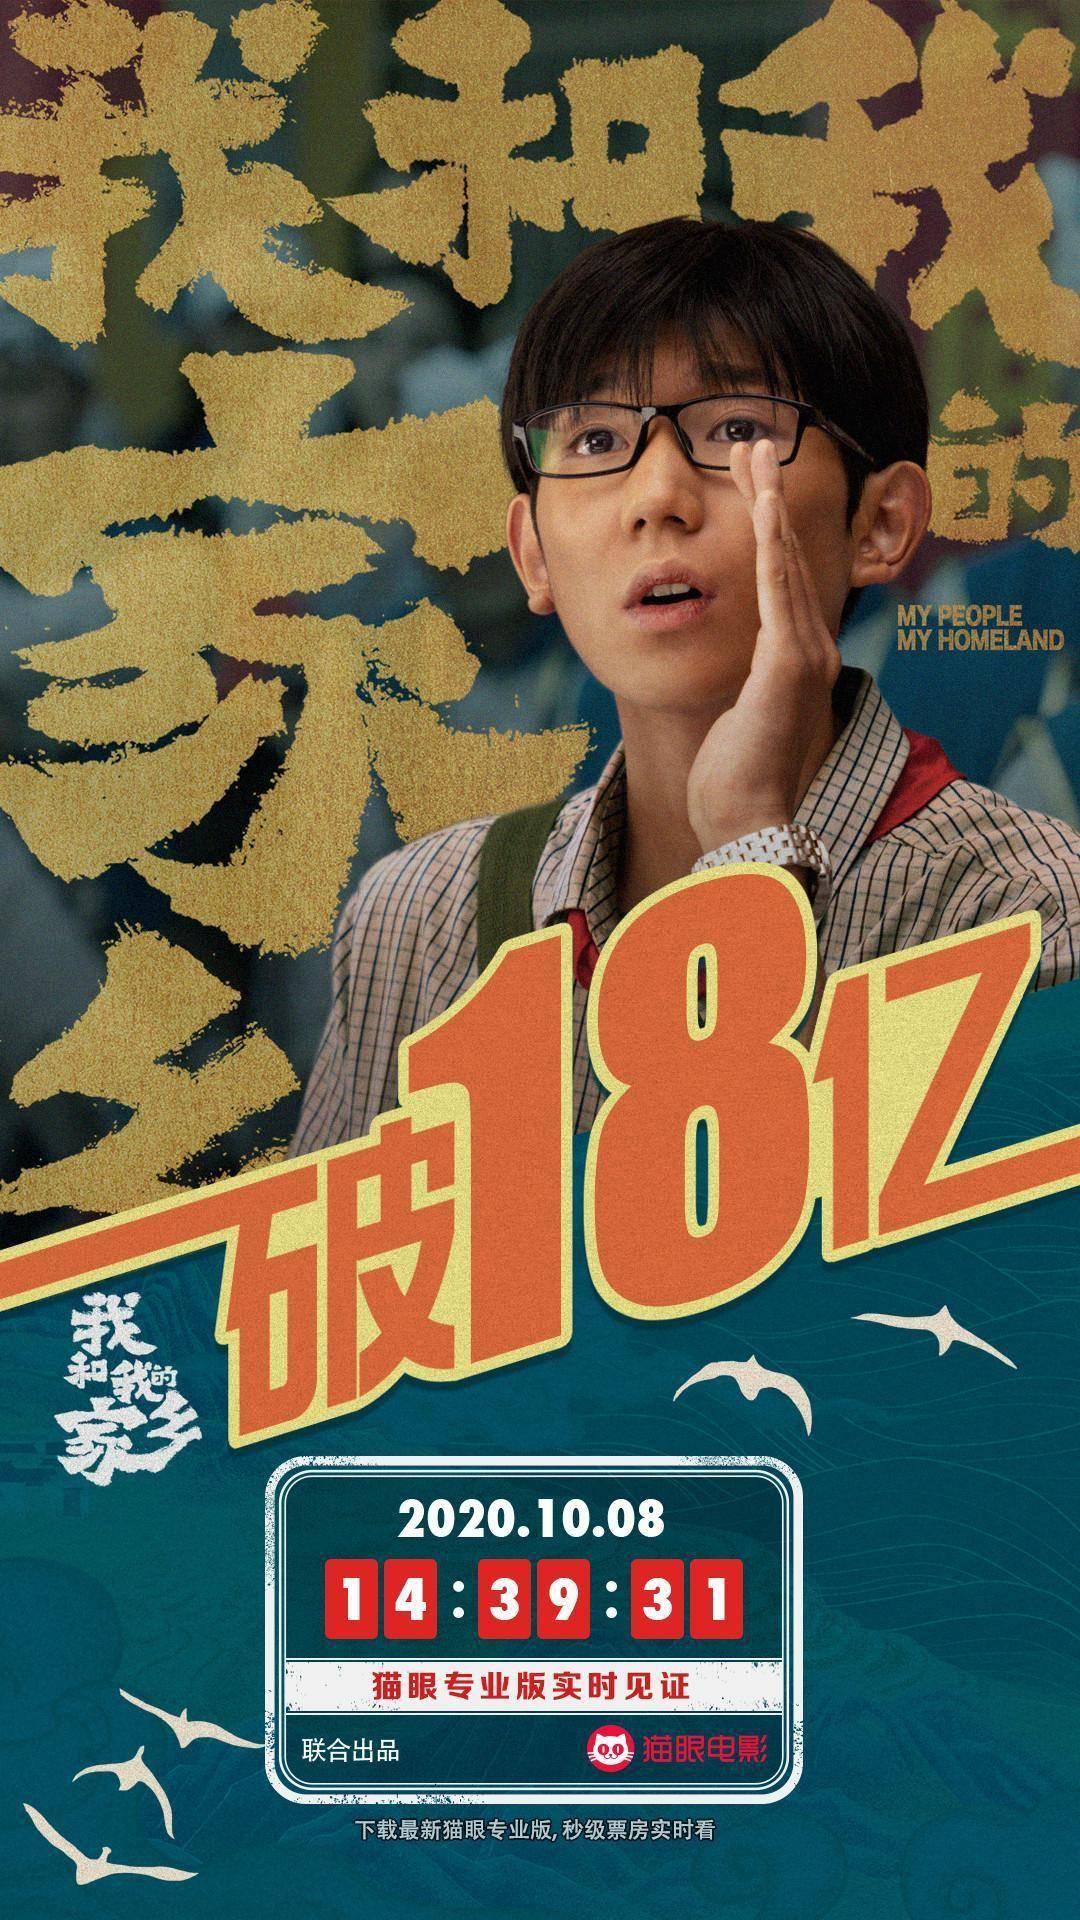 《我和我的故乡》票房破18亿,徐峥拍《最初一课》下足功夫